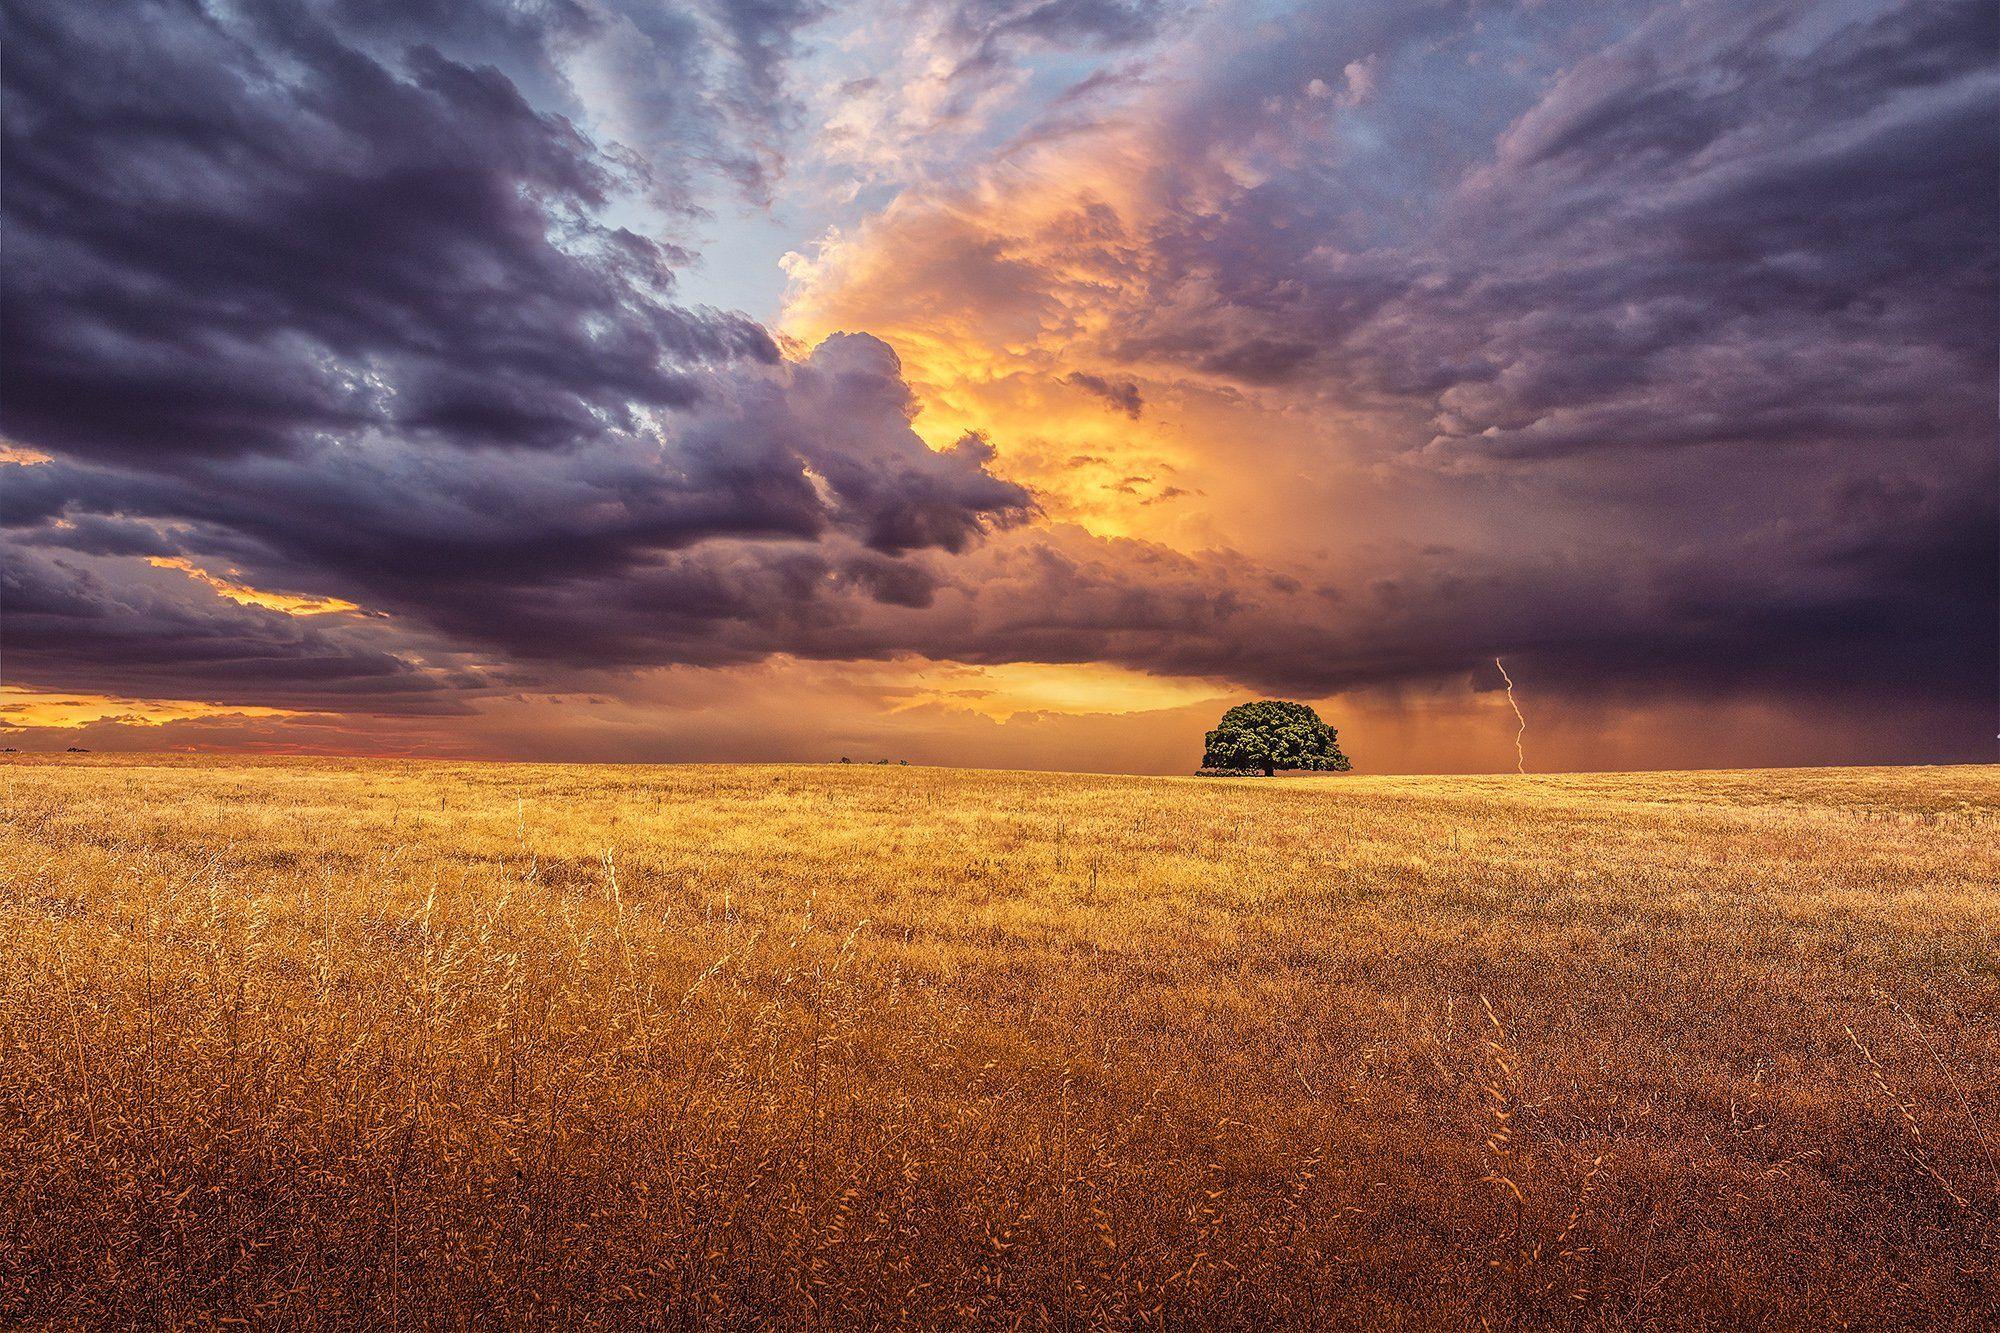 tree, fields, sunset, clouds, cloudscape, storm, sun, purple, orange, colorful, beauty, Antonio Bernardino